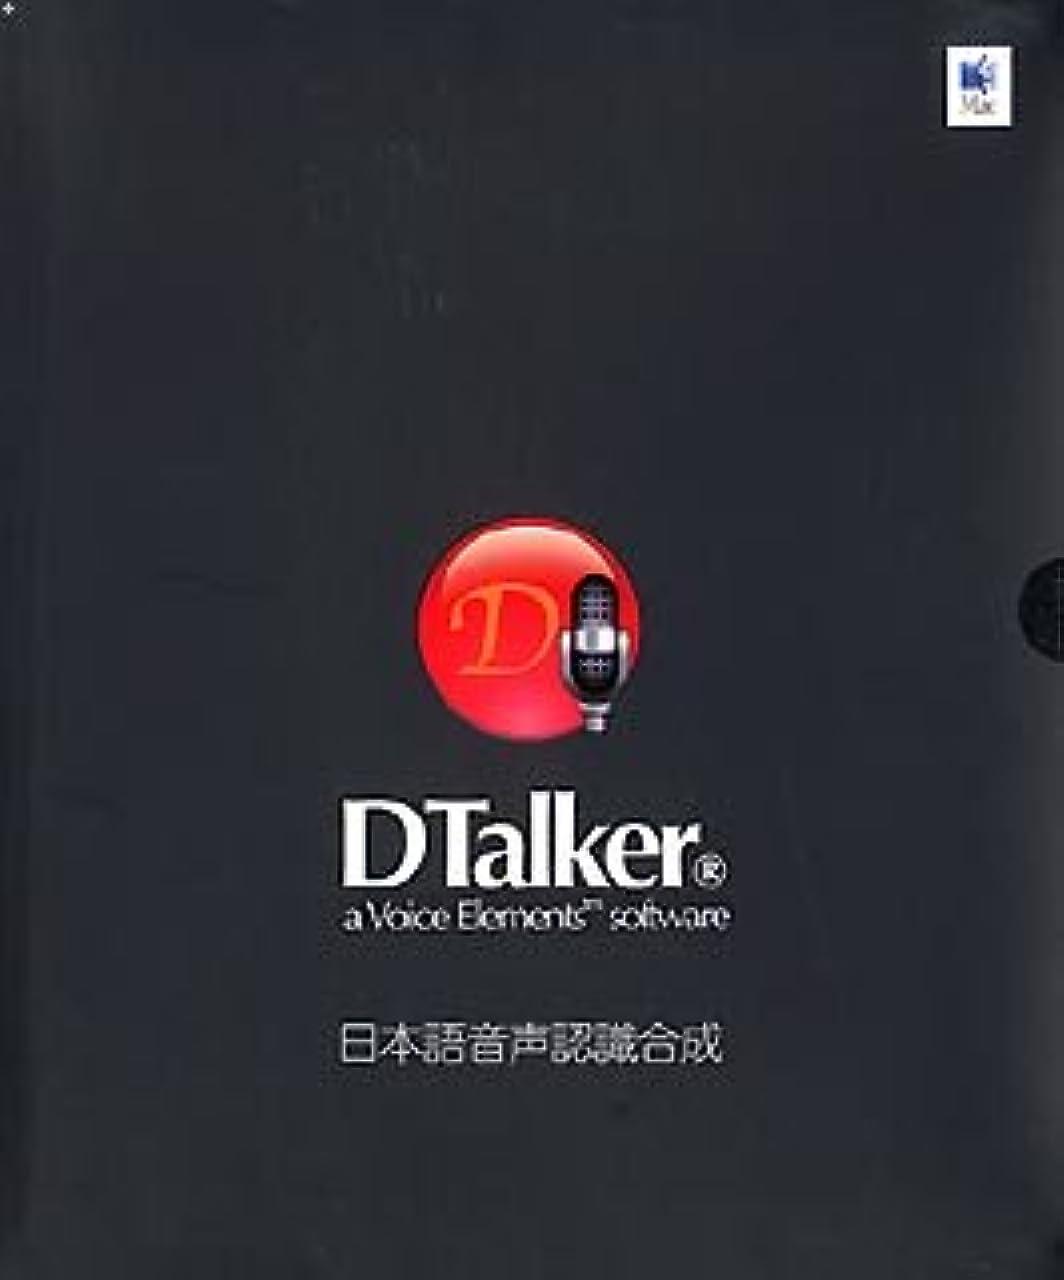 嵐が丘以下の慈悲でa Voice Elements Software DTalker 2.1